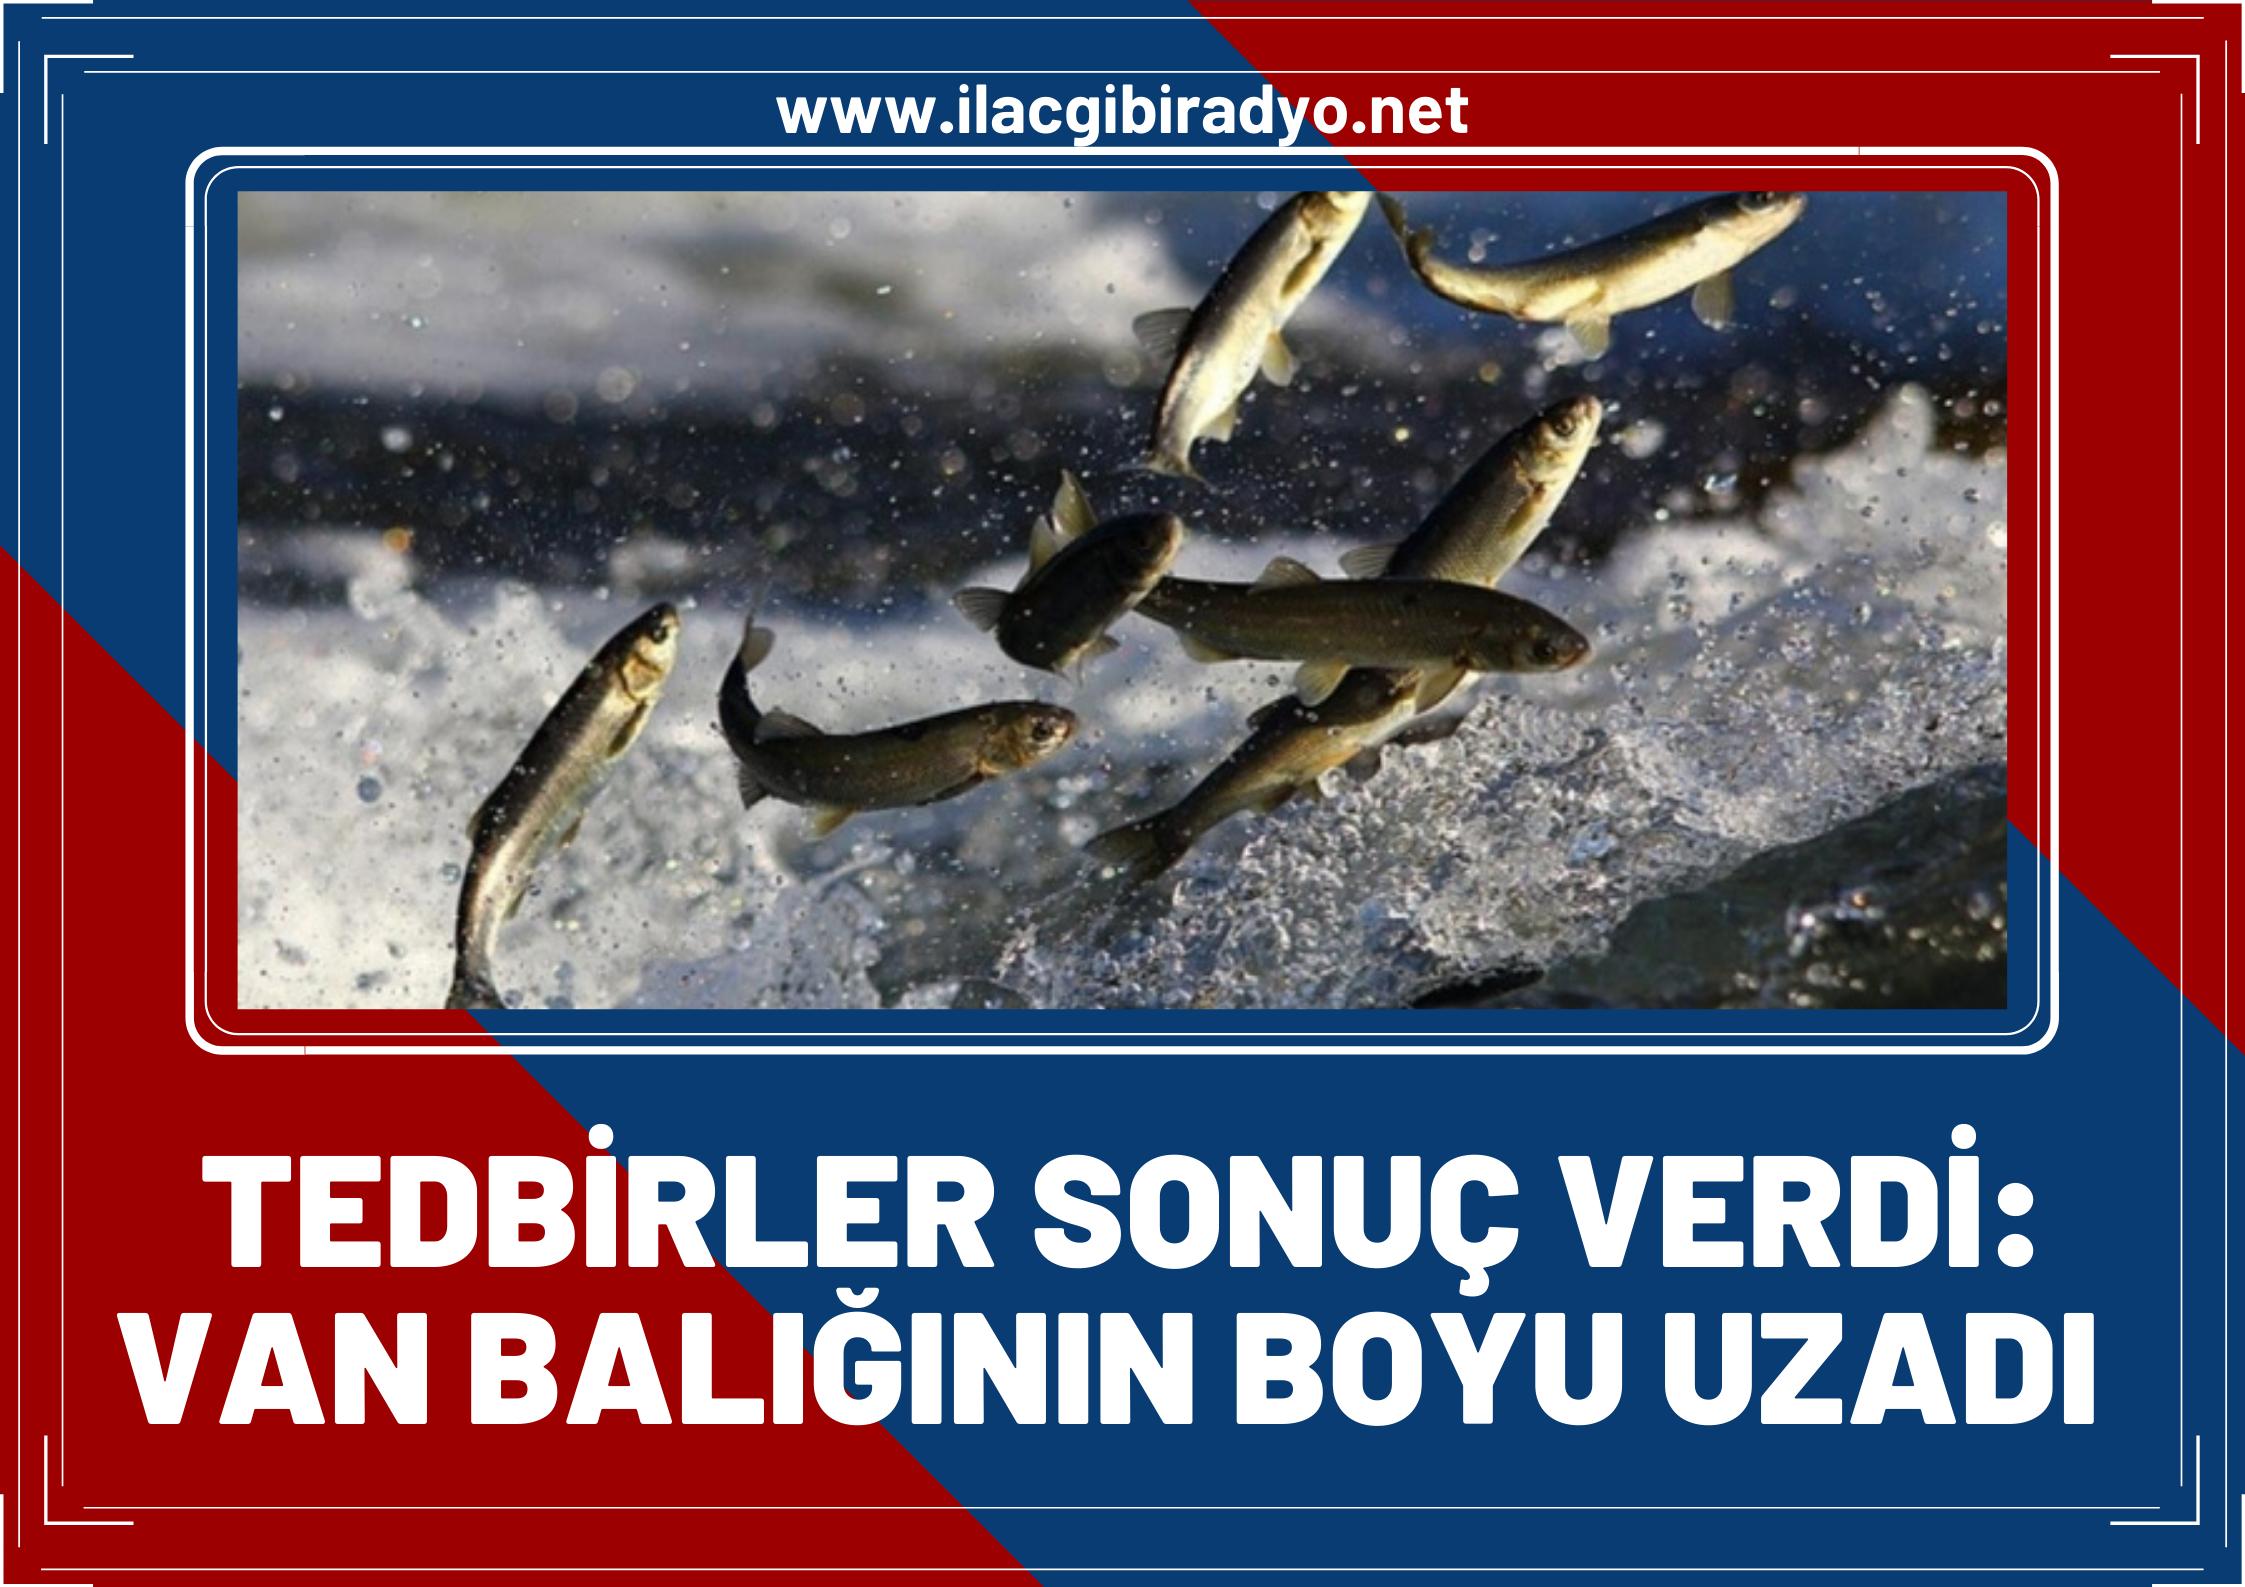 Alınan tedbirler sonuç verdi… Van Balığının boyu uzadı!